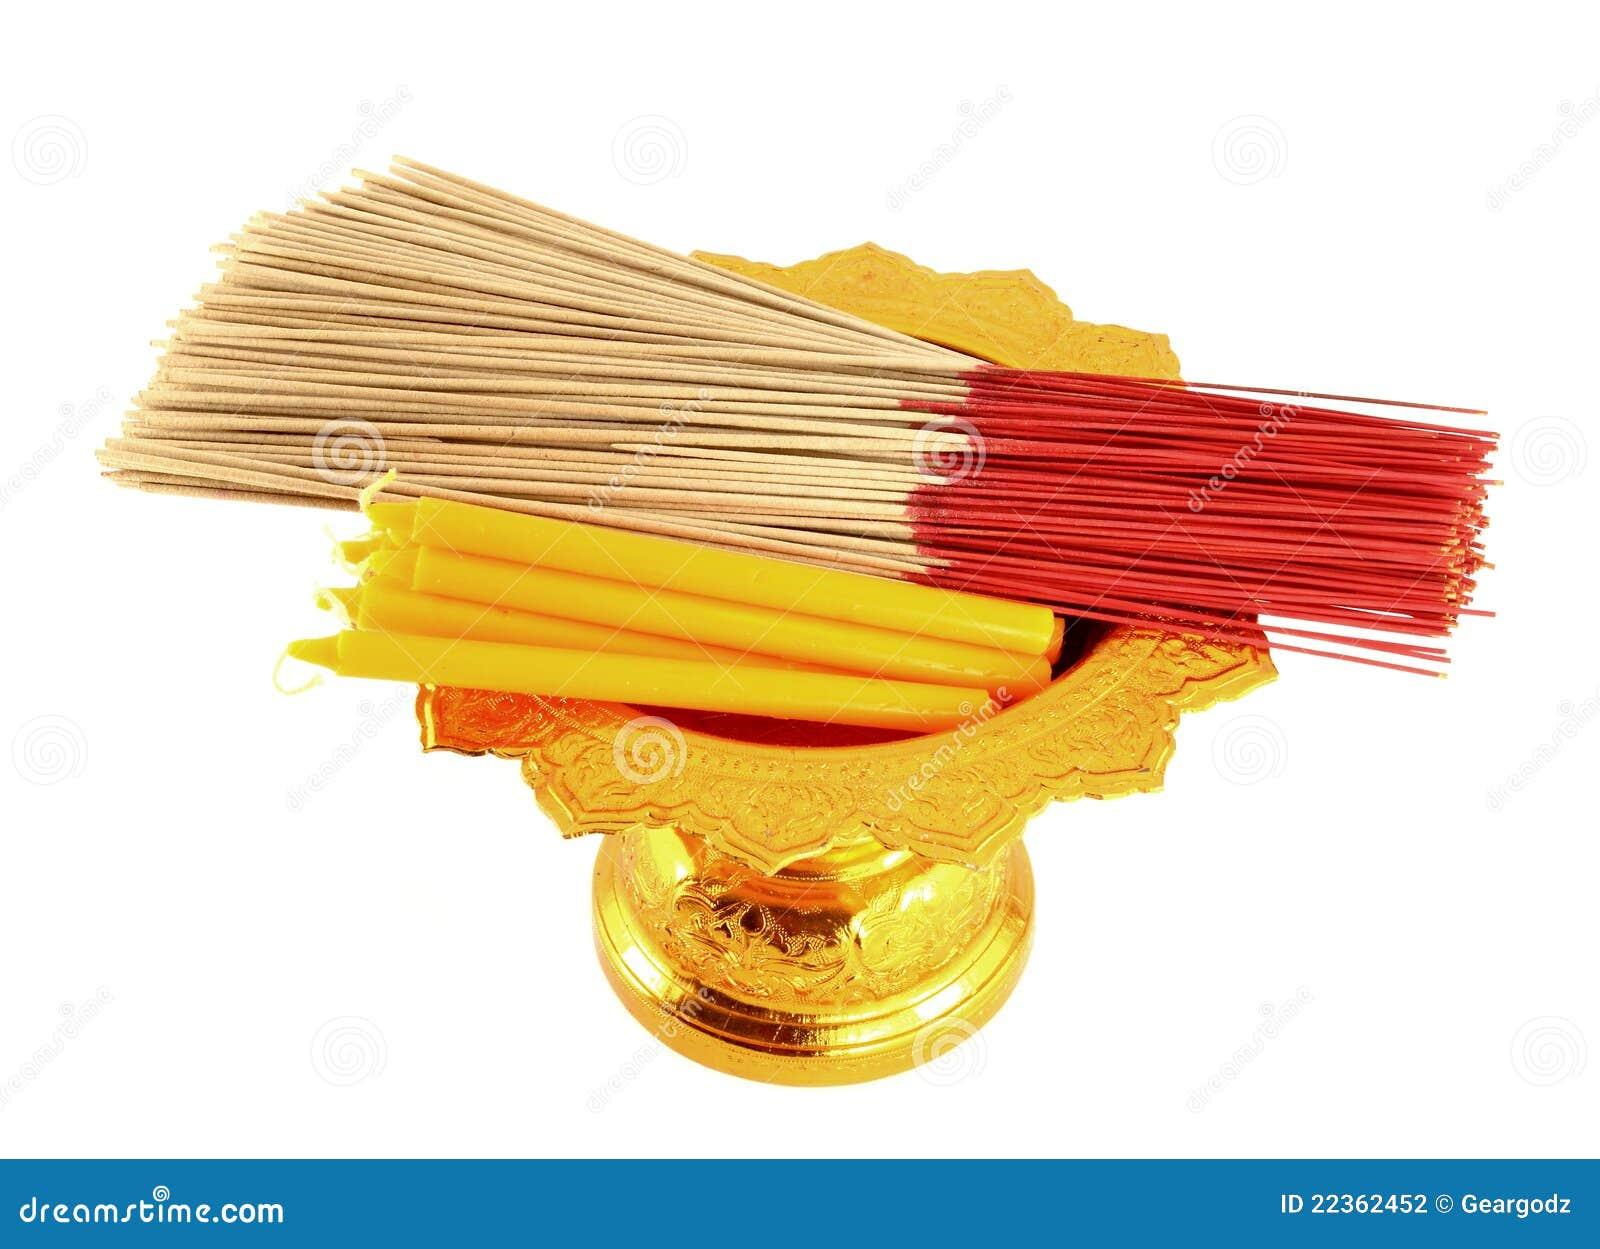 Kerze und Duft auf goldenem Tellersegment